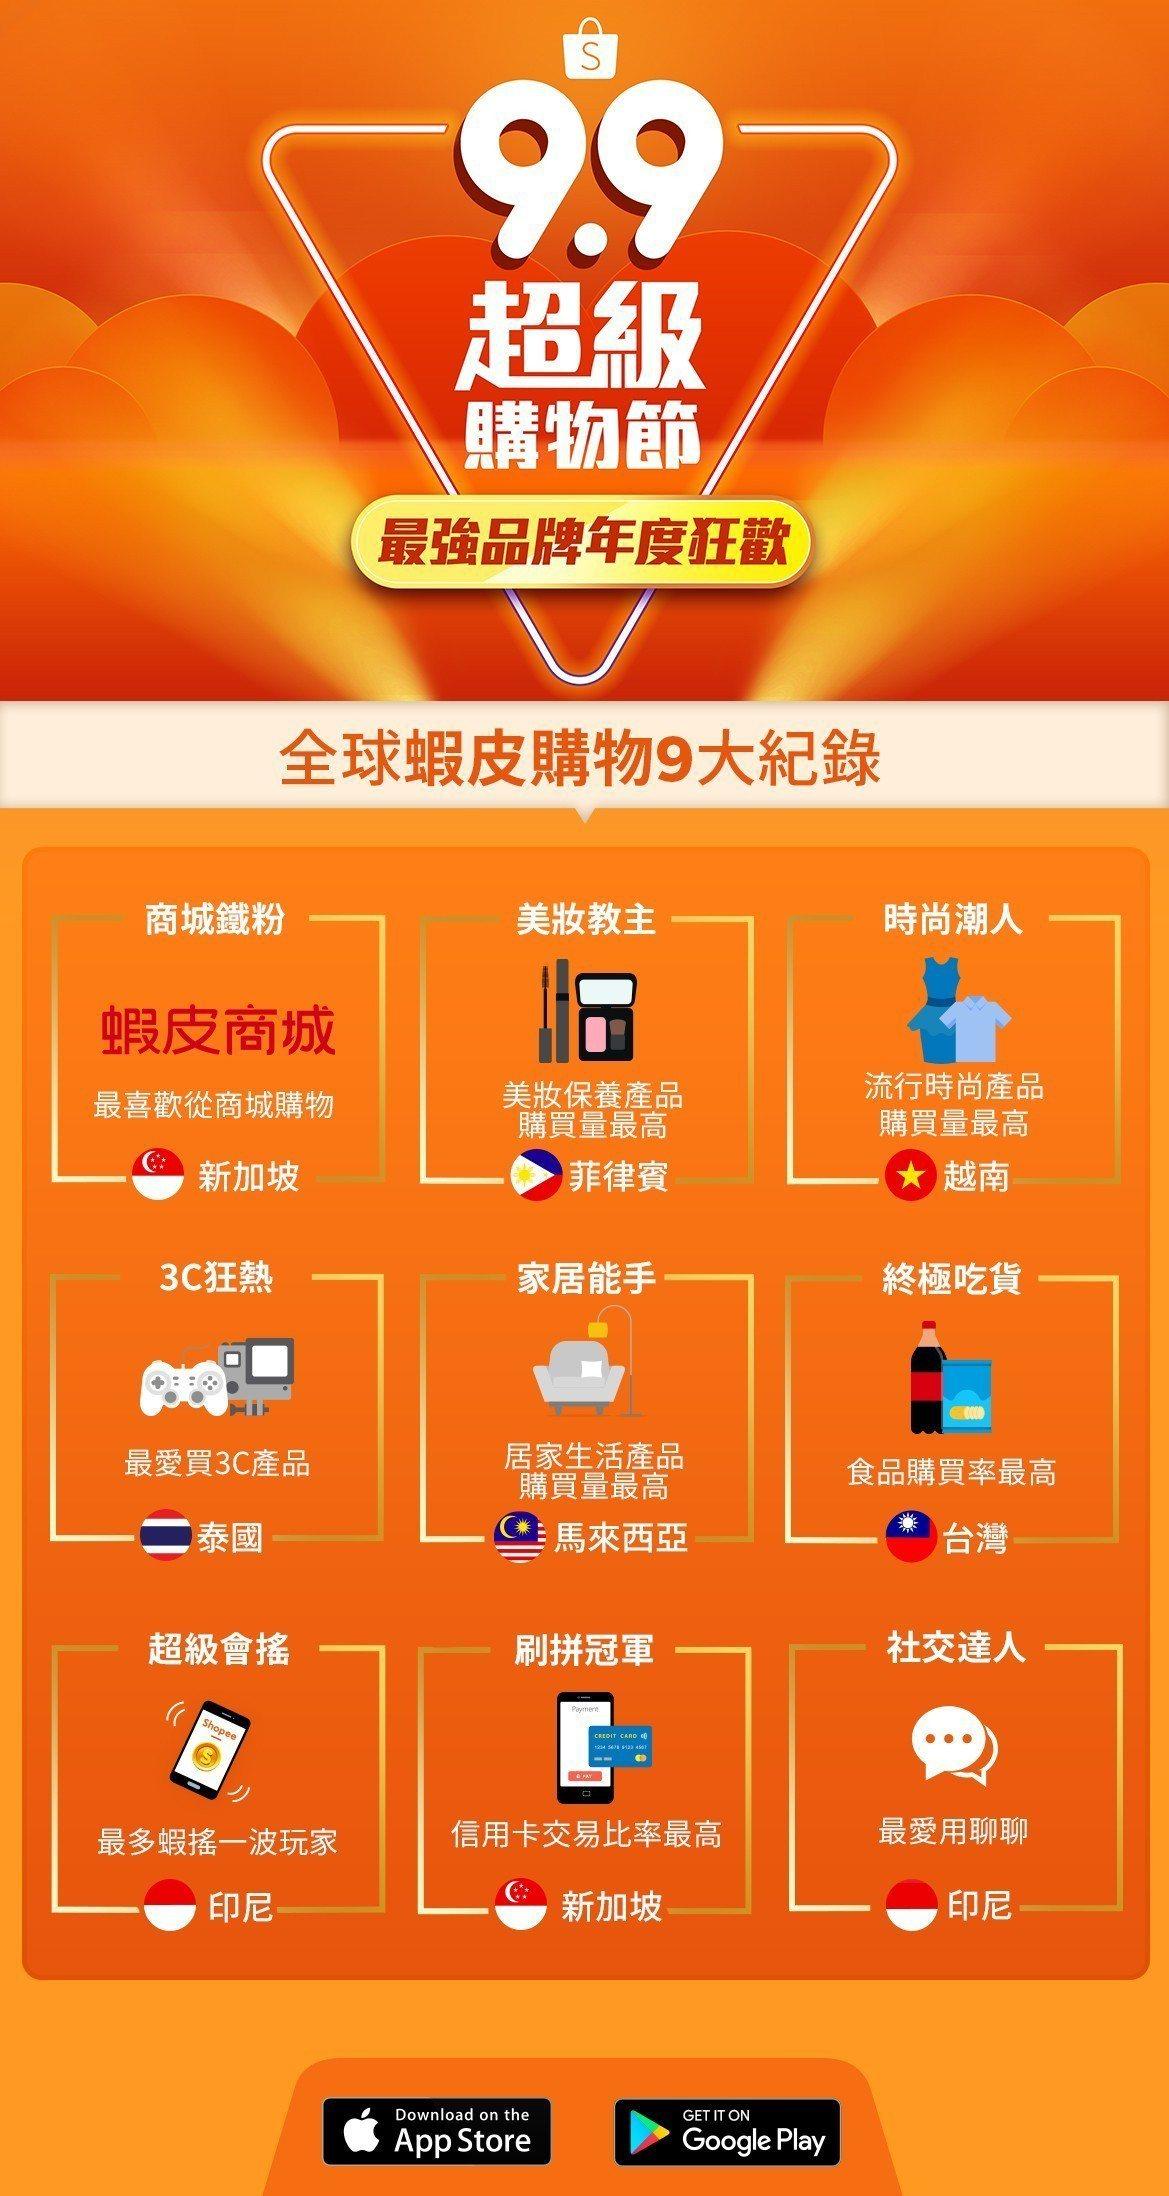 2018蝦皮購物9.9超級購物節9大紀錄,台灣因食物購買力最高而獲得終極吃貨獎。...